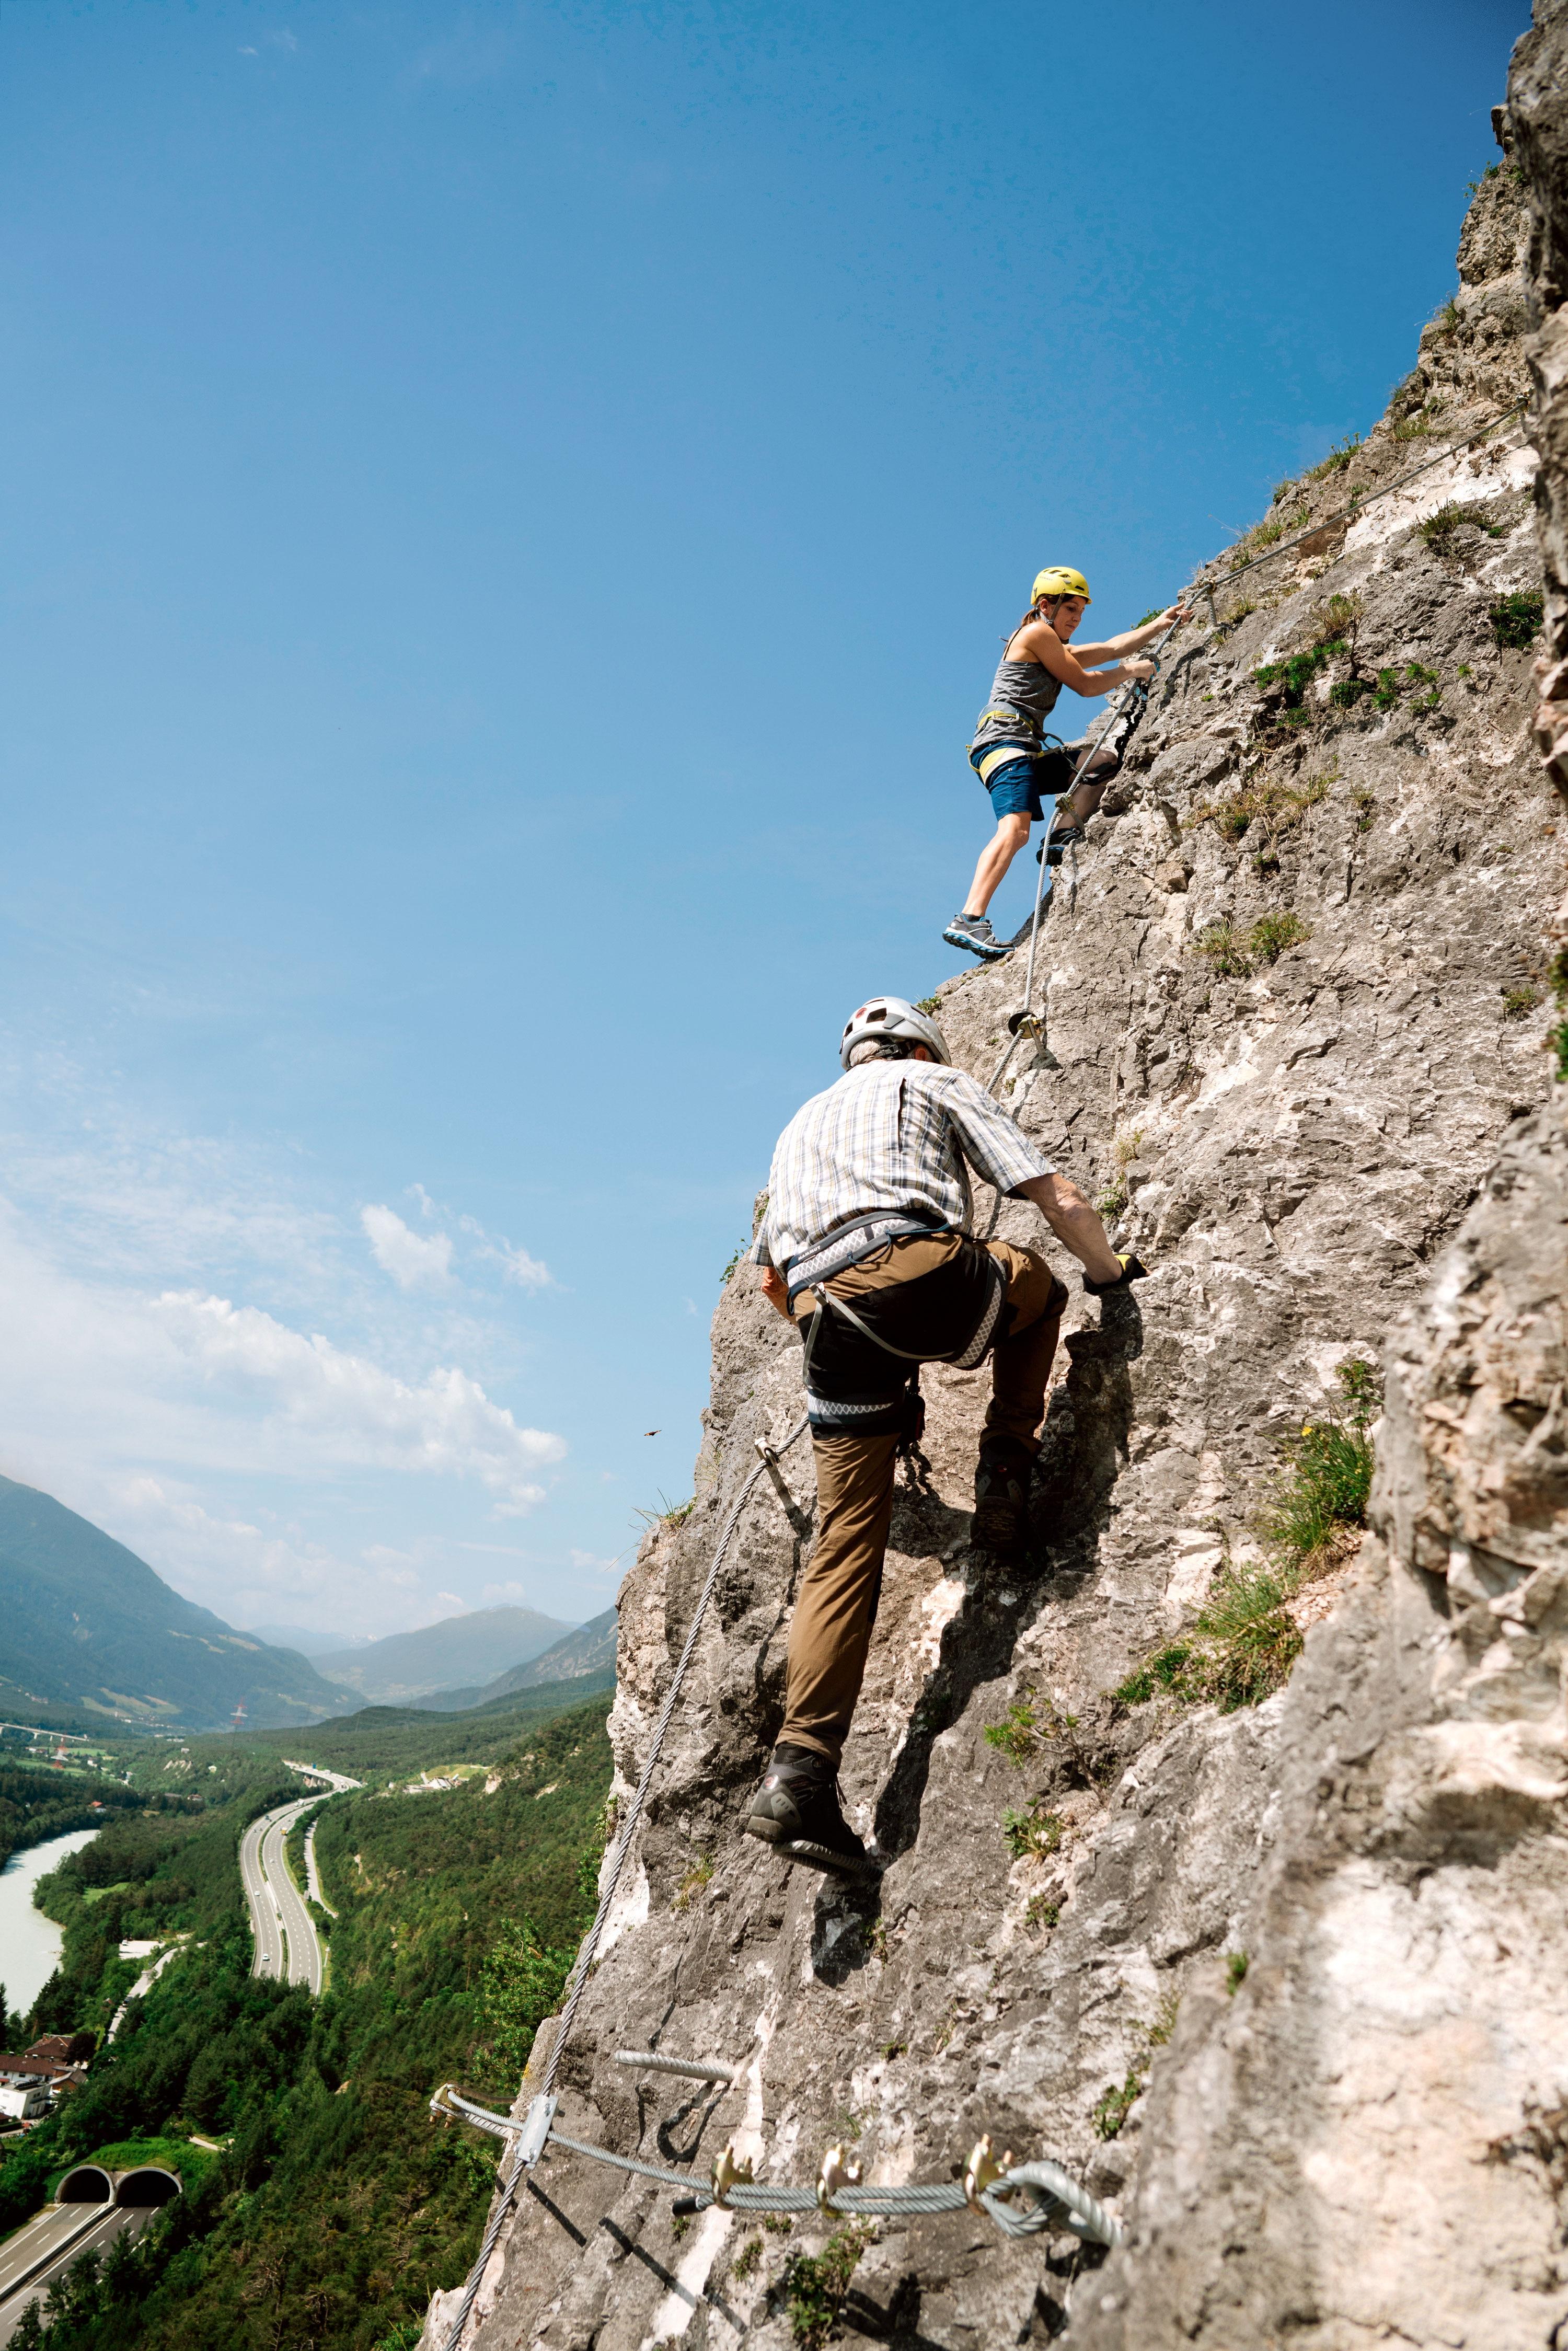 Klettersteig Geierwand : Check der geierwand klettersteig c bergwelten